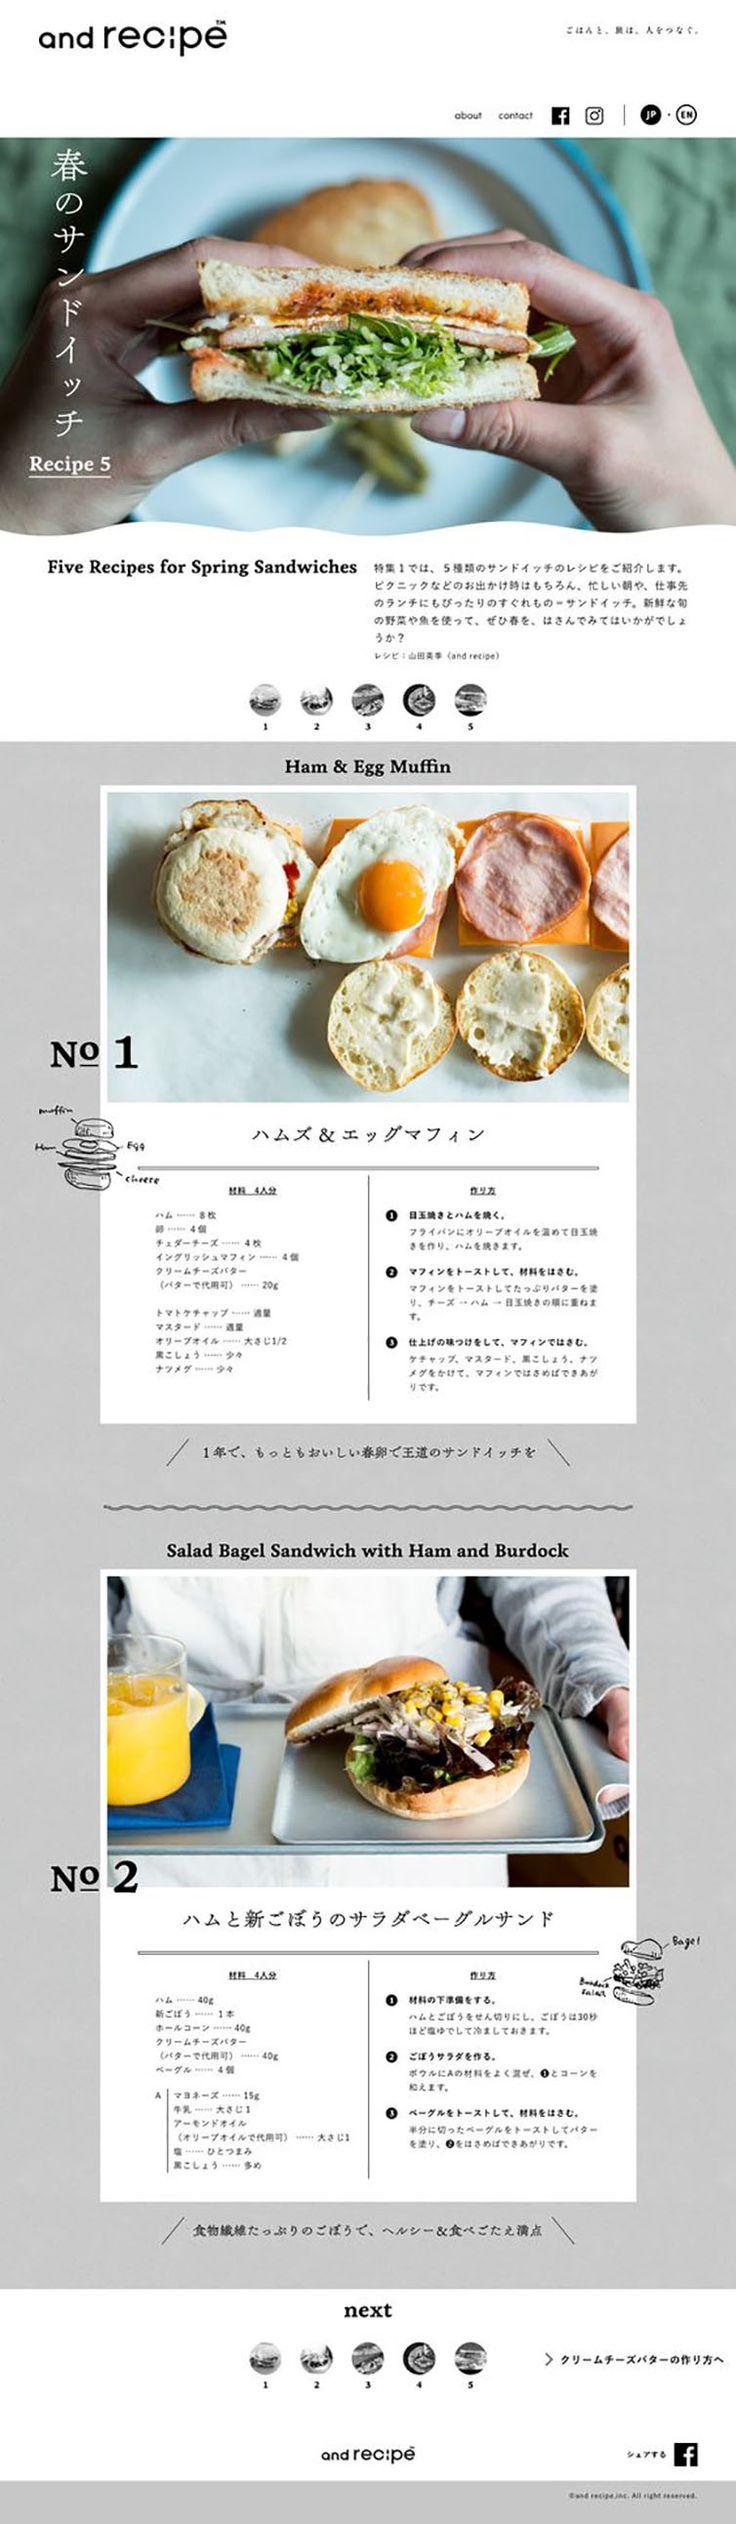 株式会社and recipe様の「春のサンドイッチ」のランディングページ(LP)シンプル系|惣菜・おかず・料理 #LP #ランディングページ #ランペ #春のサンドイッチ